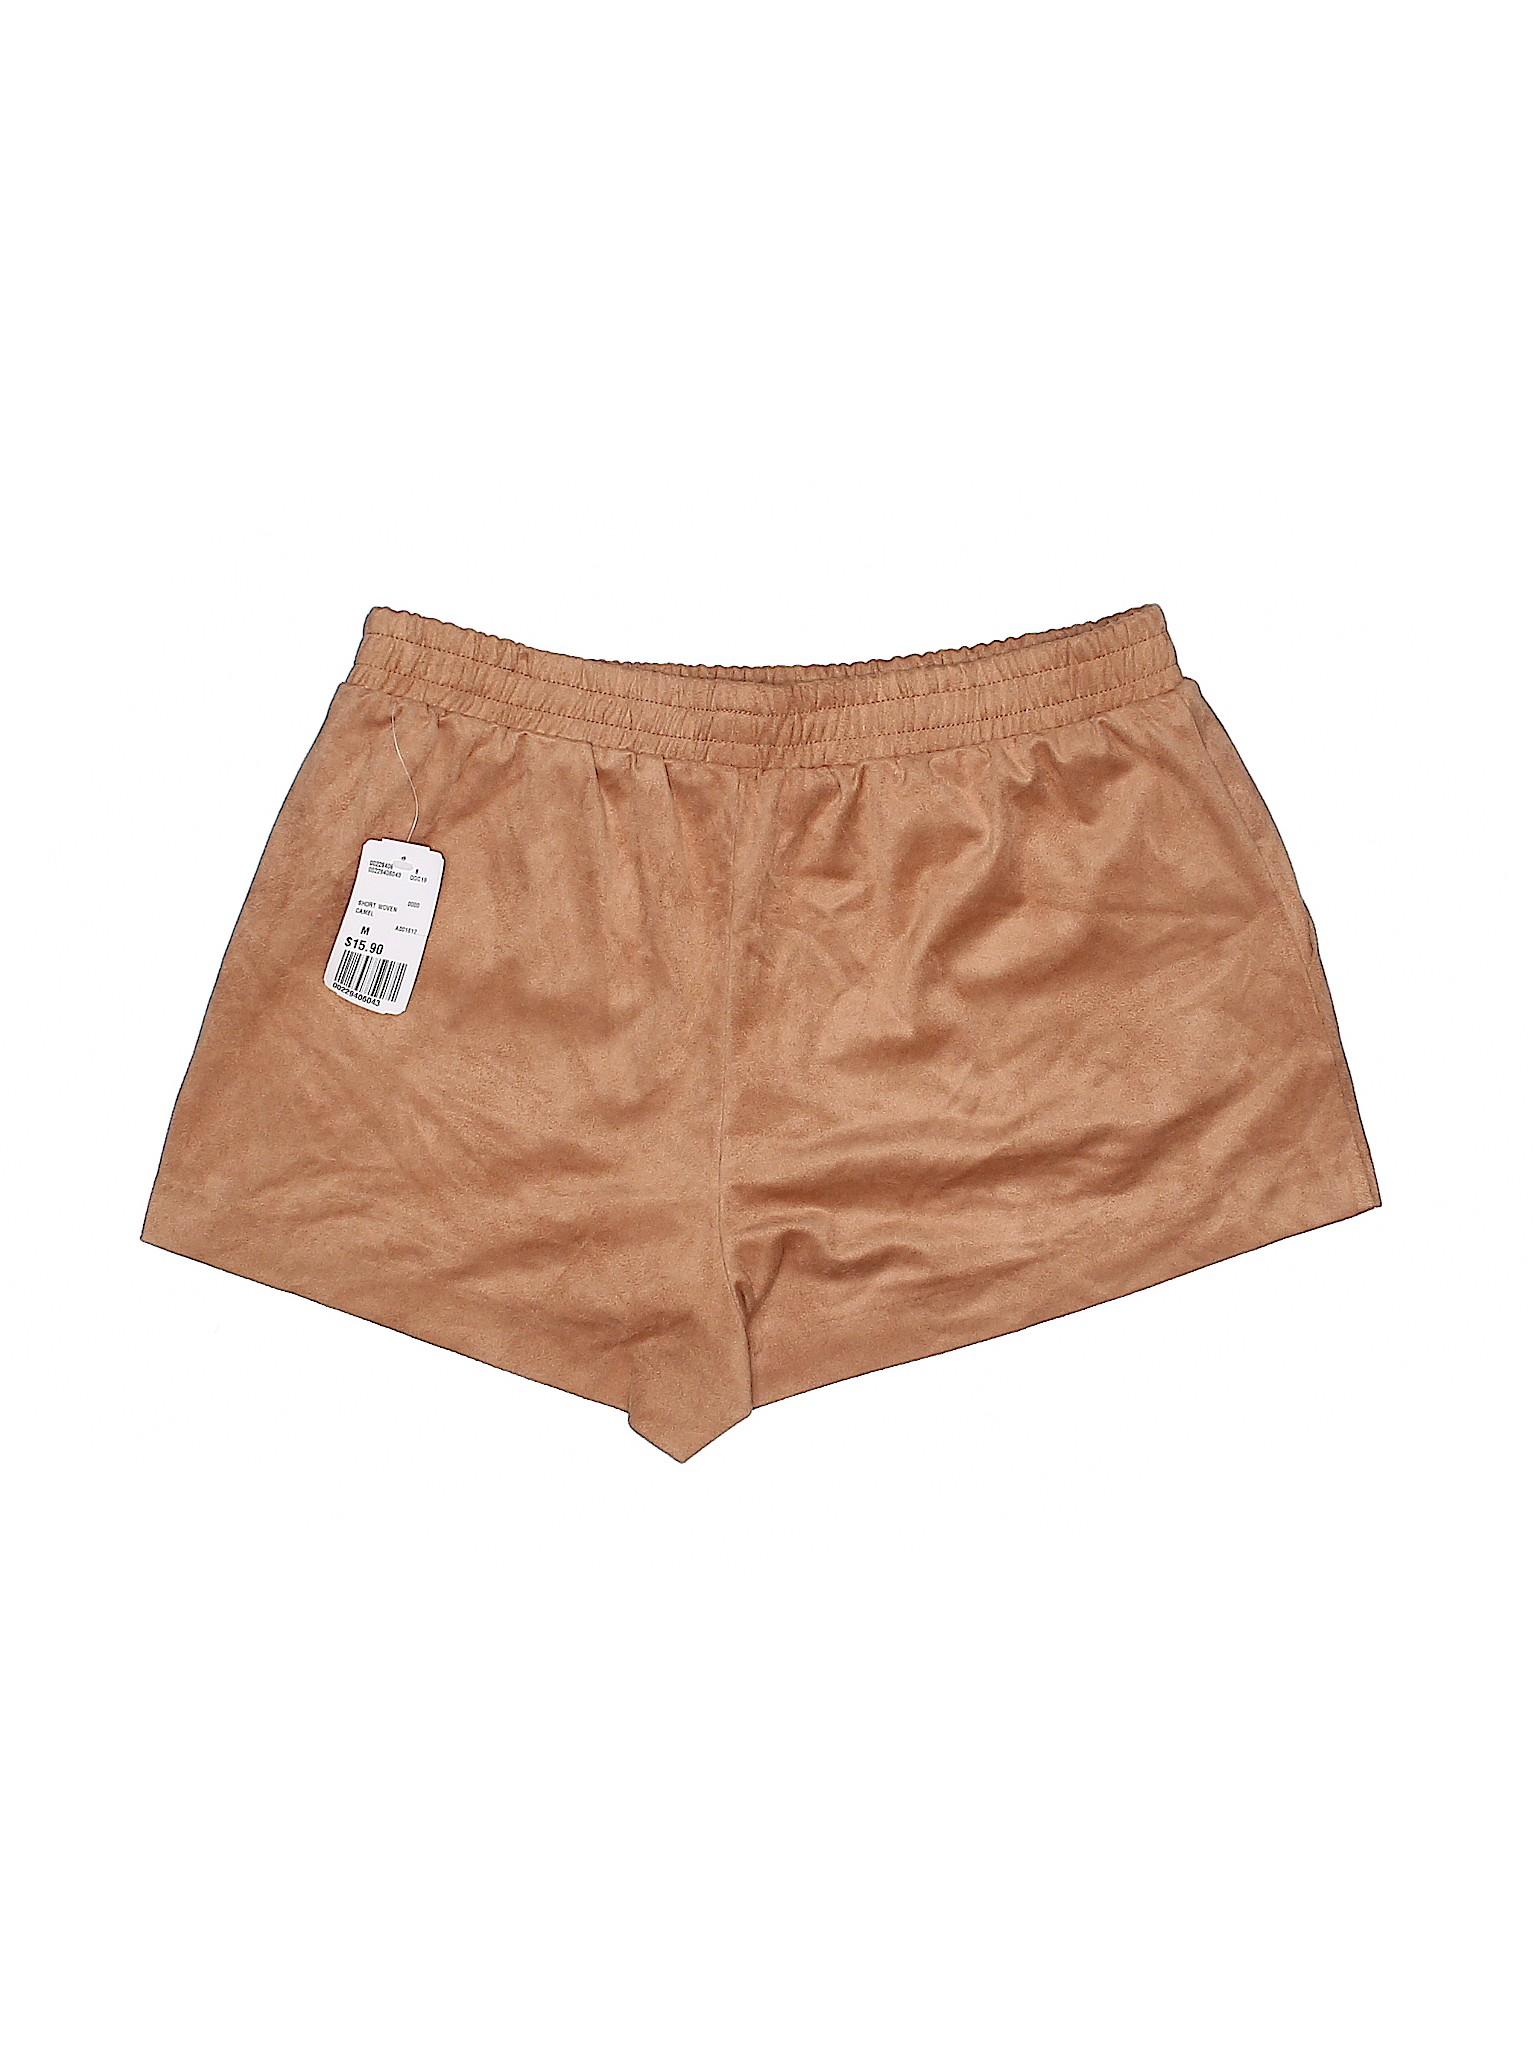 Forever 21 Boutique Shorts Boutique leisure leisure TUatqa